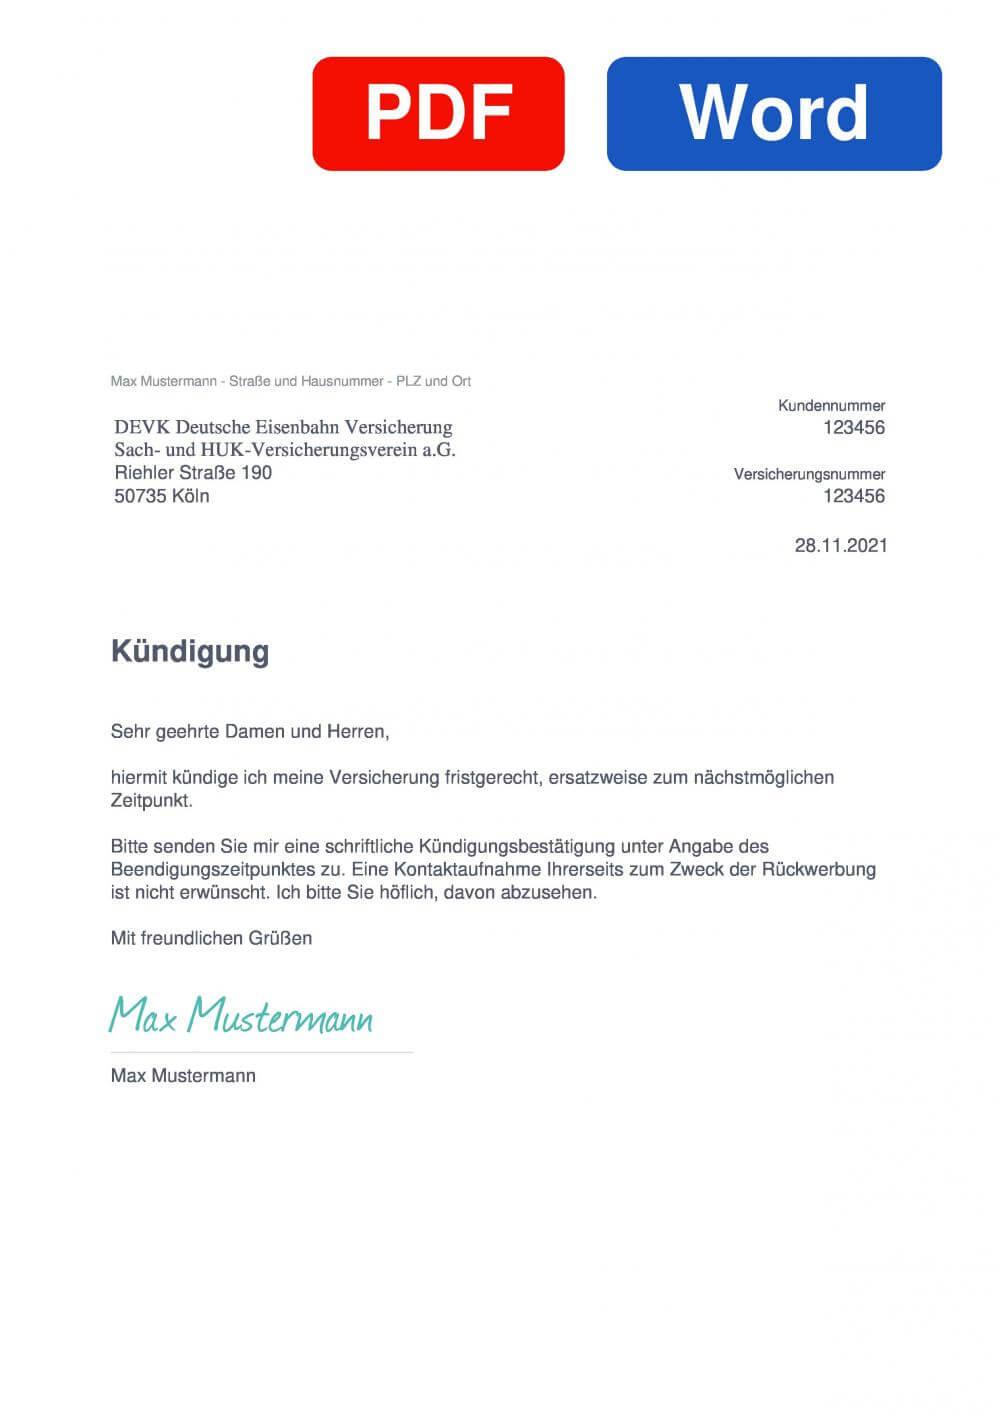 DEVK Muster Vorlage für Kündigungsschreiben